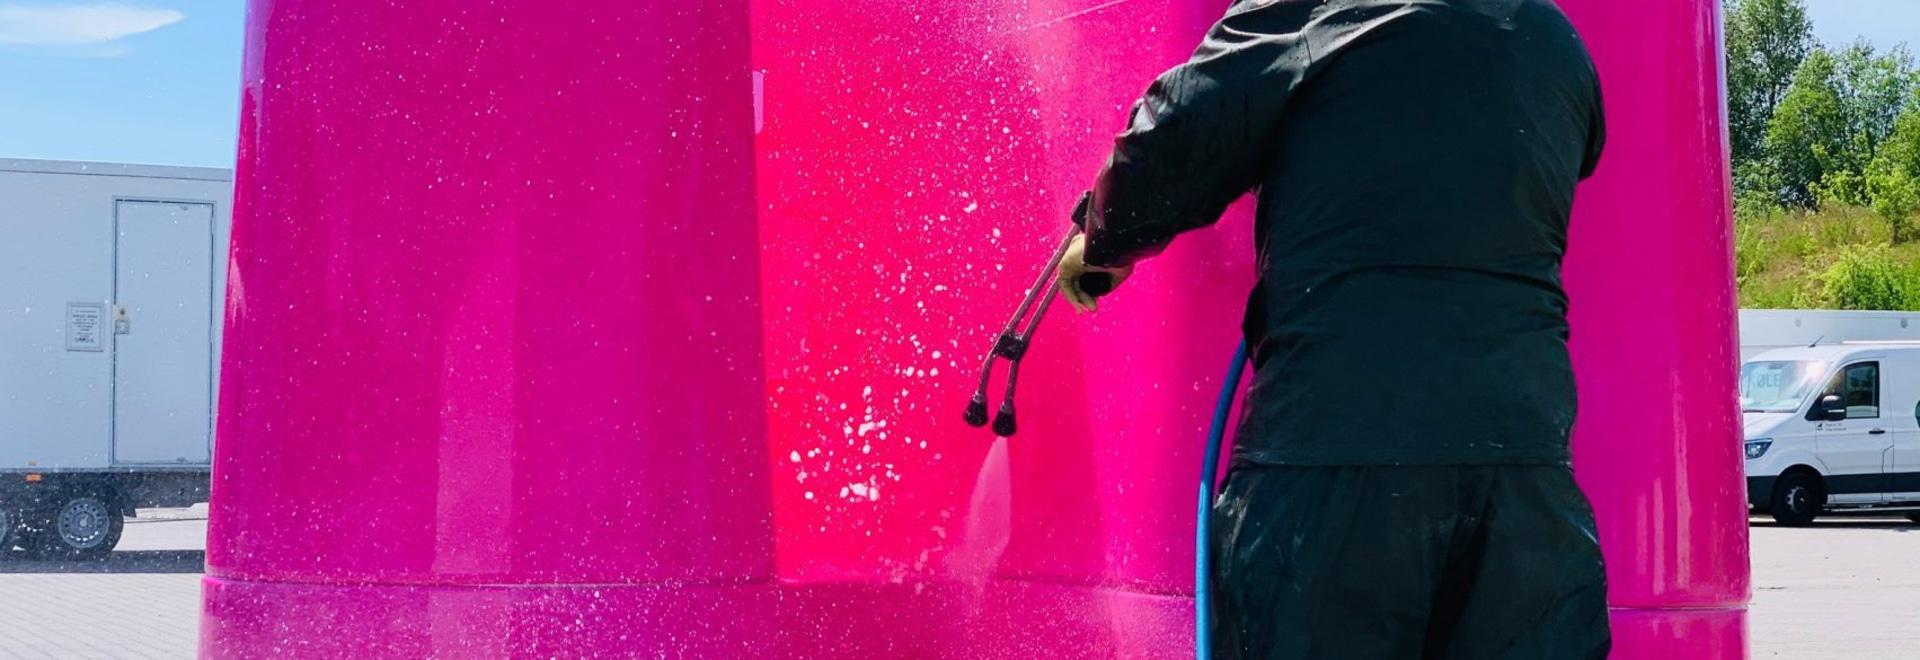 Los diseñadores de urinarios exteriores ofrecen soluciones al problema de los baños públicos en caso de pandemia